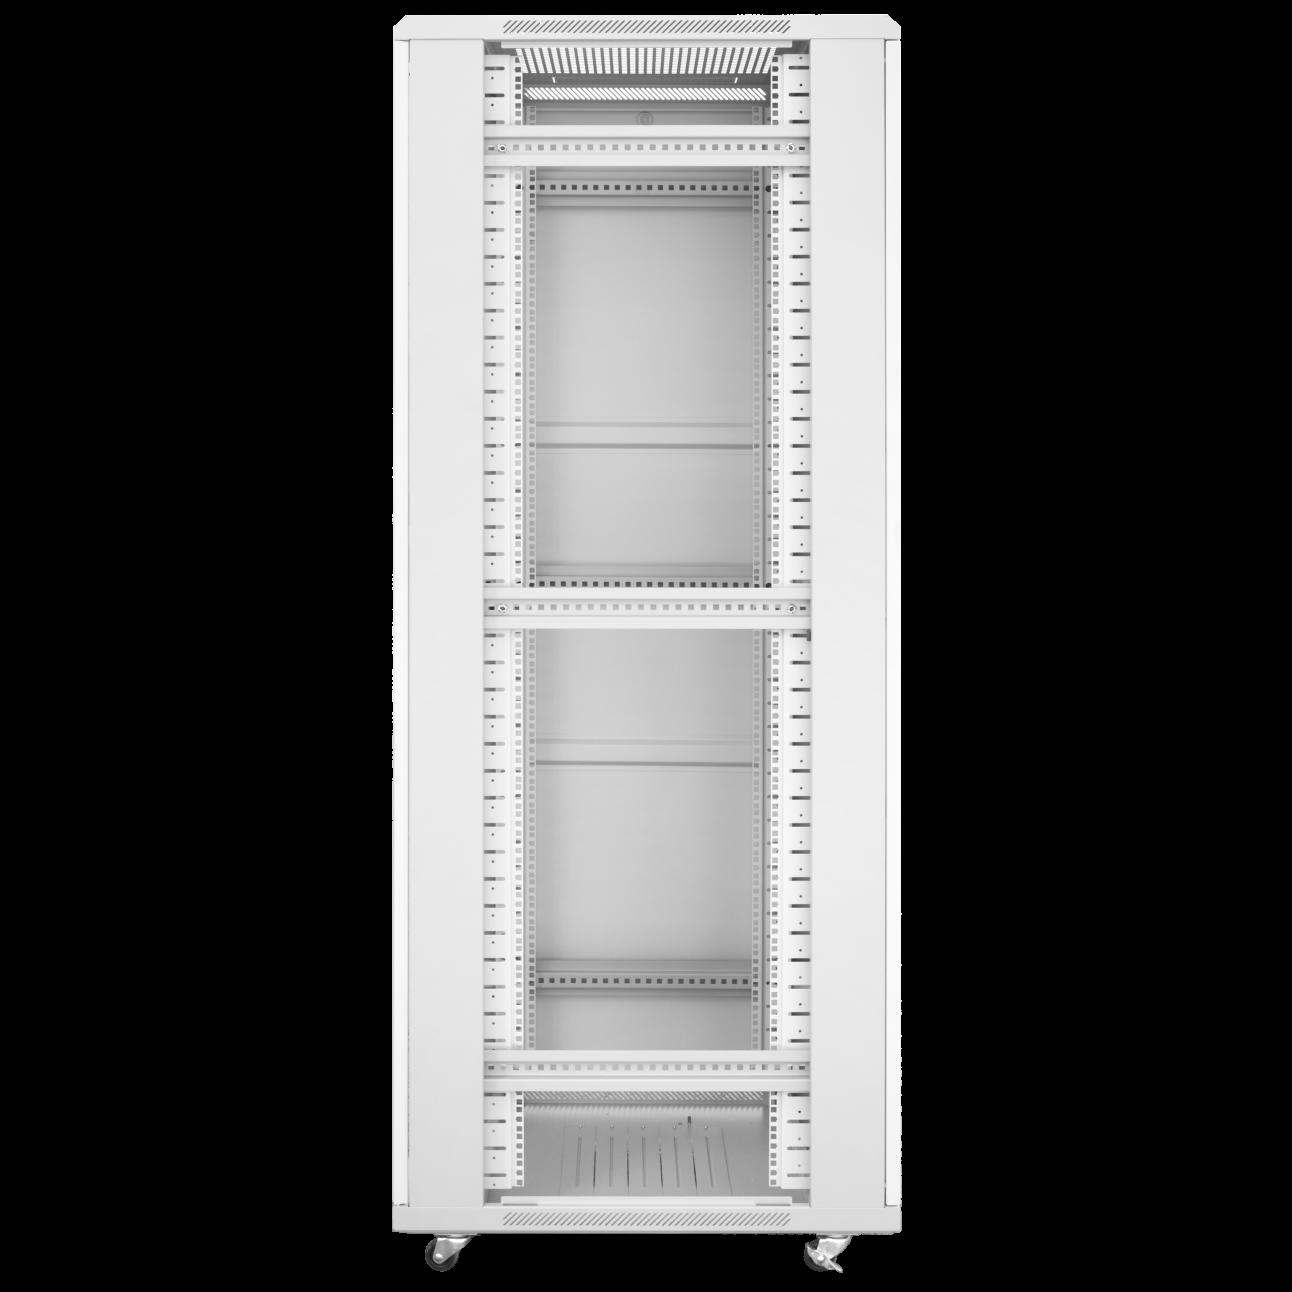 Шкаф телекоммуникационный напольный 42U 600x800мм, серия TFC (SNR-TFC-426080-GS-G)